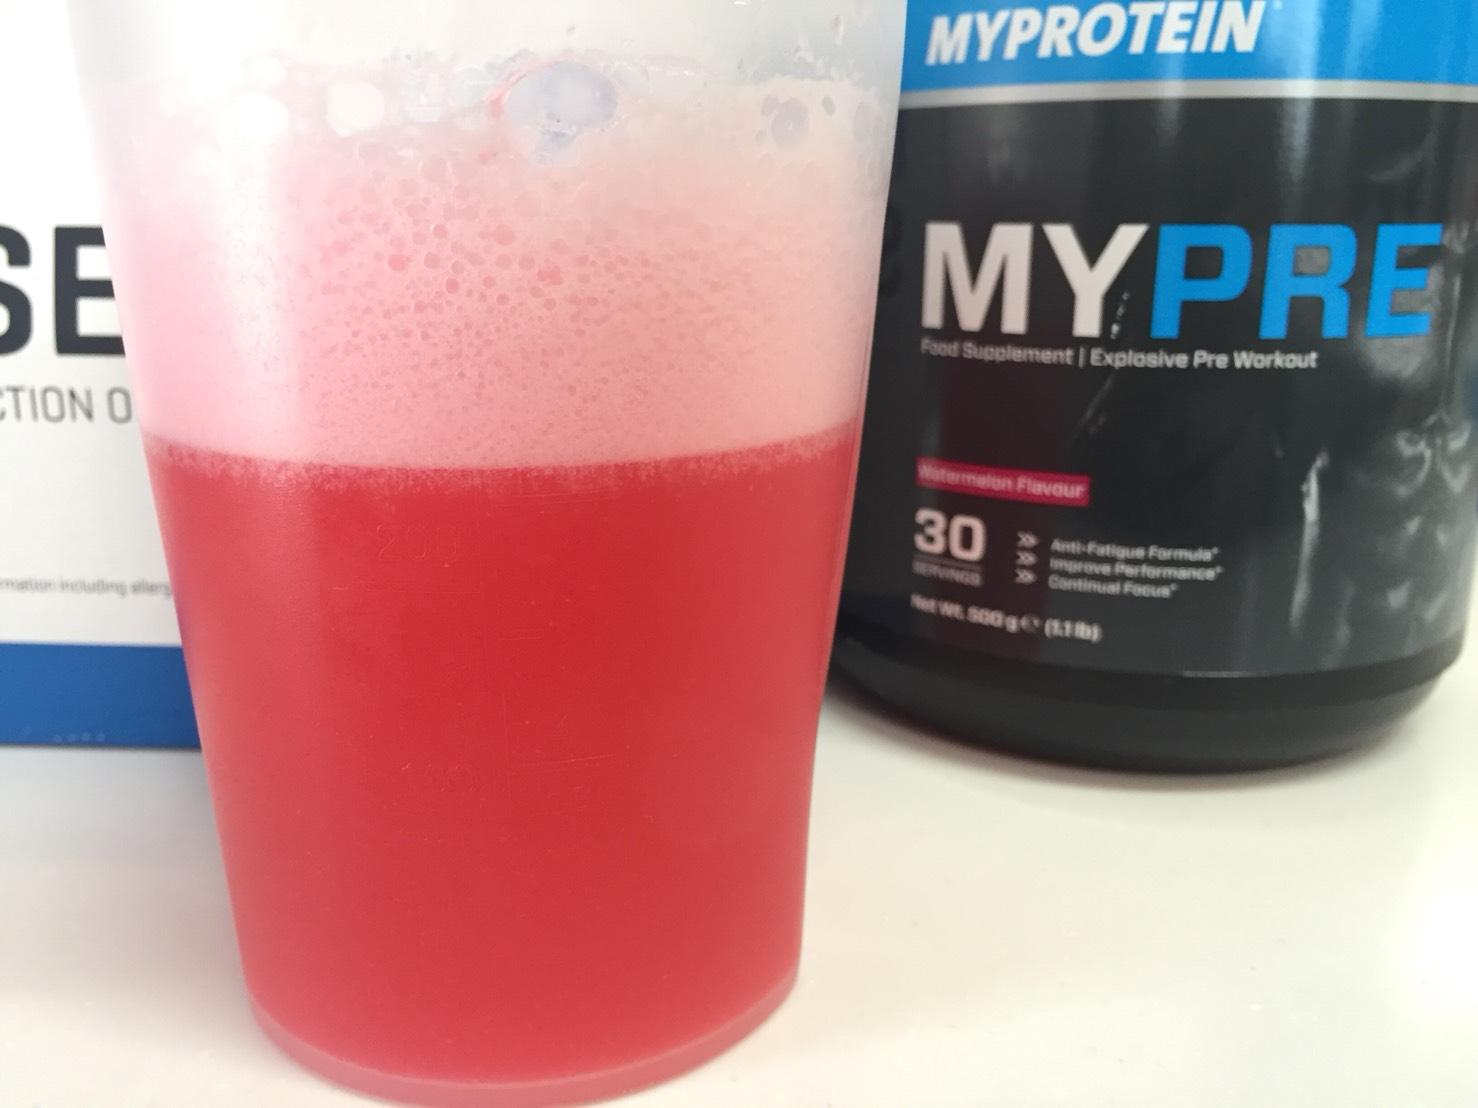 MYPRE(マイプレ)「Watermelon Flavour(ウォーターメロン味=スイカ味)」を横から撮影した様子がこちら。